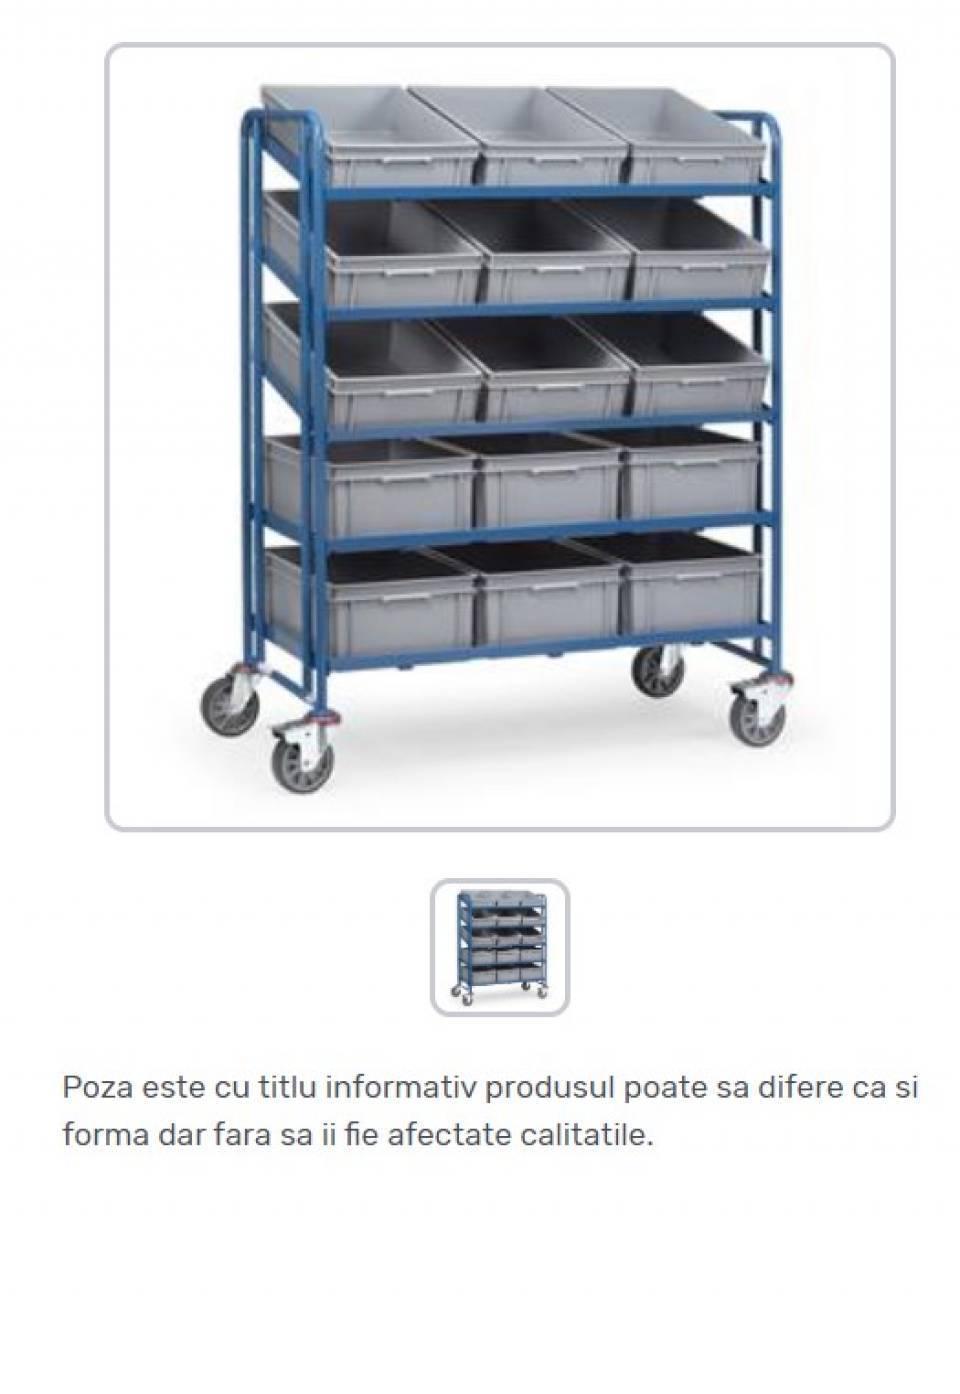 Carucioare pentru cutii42164